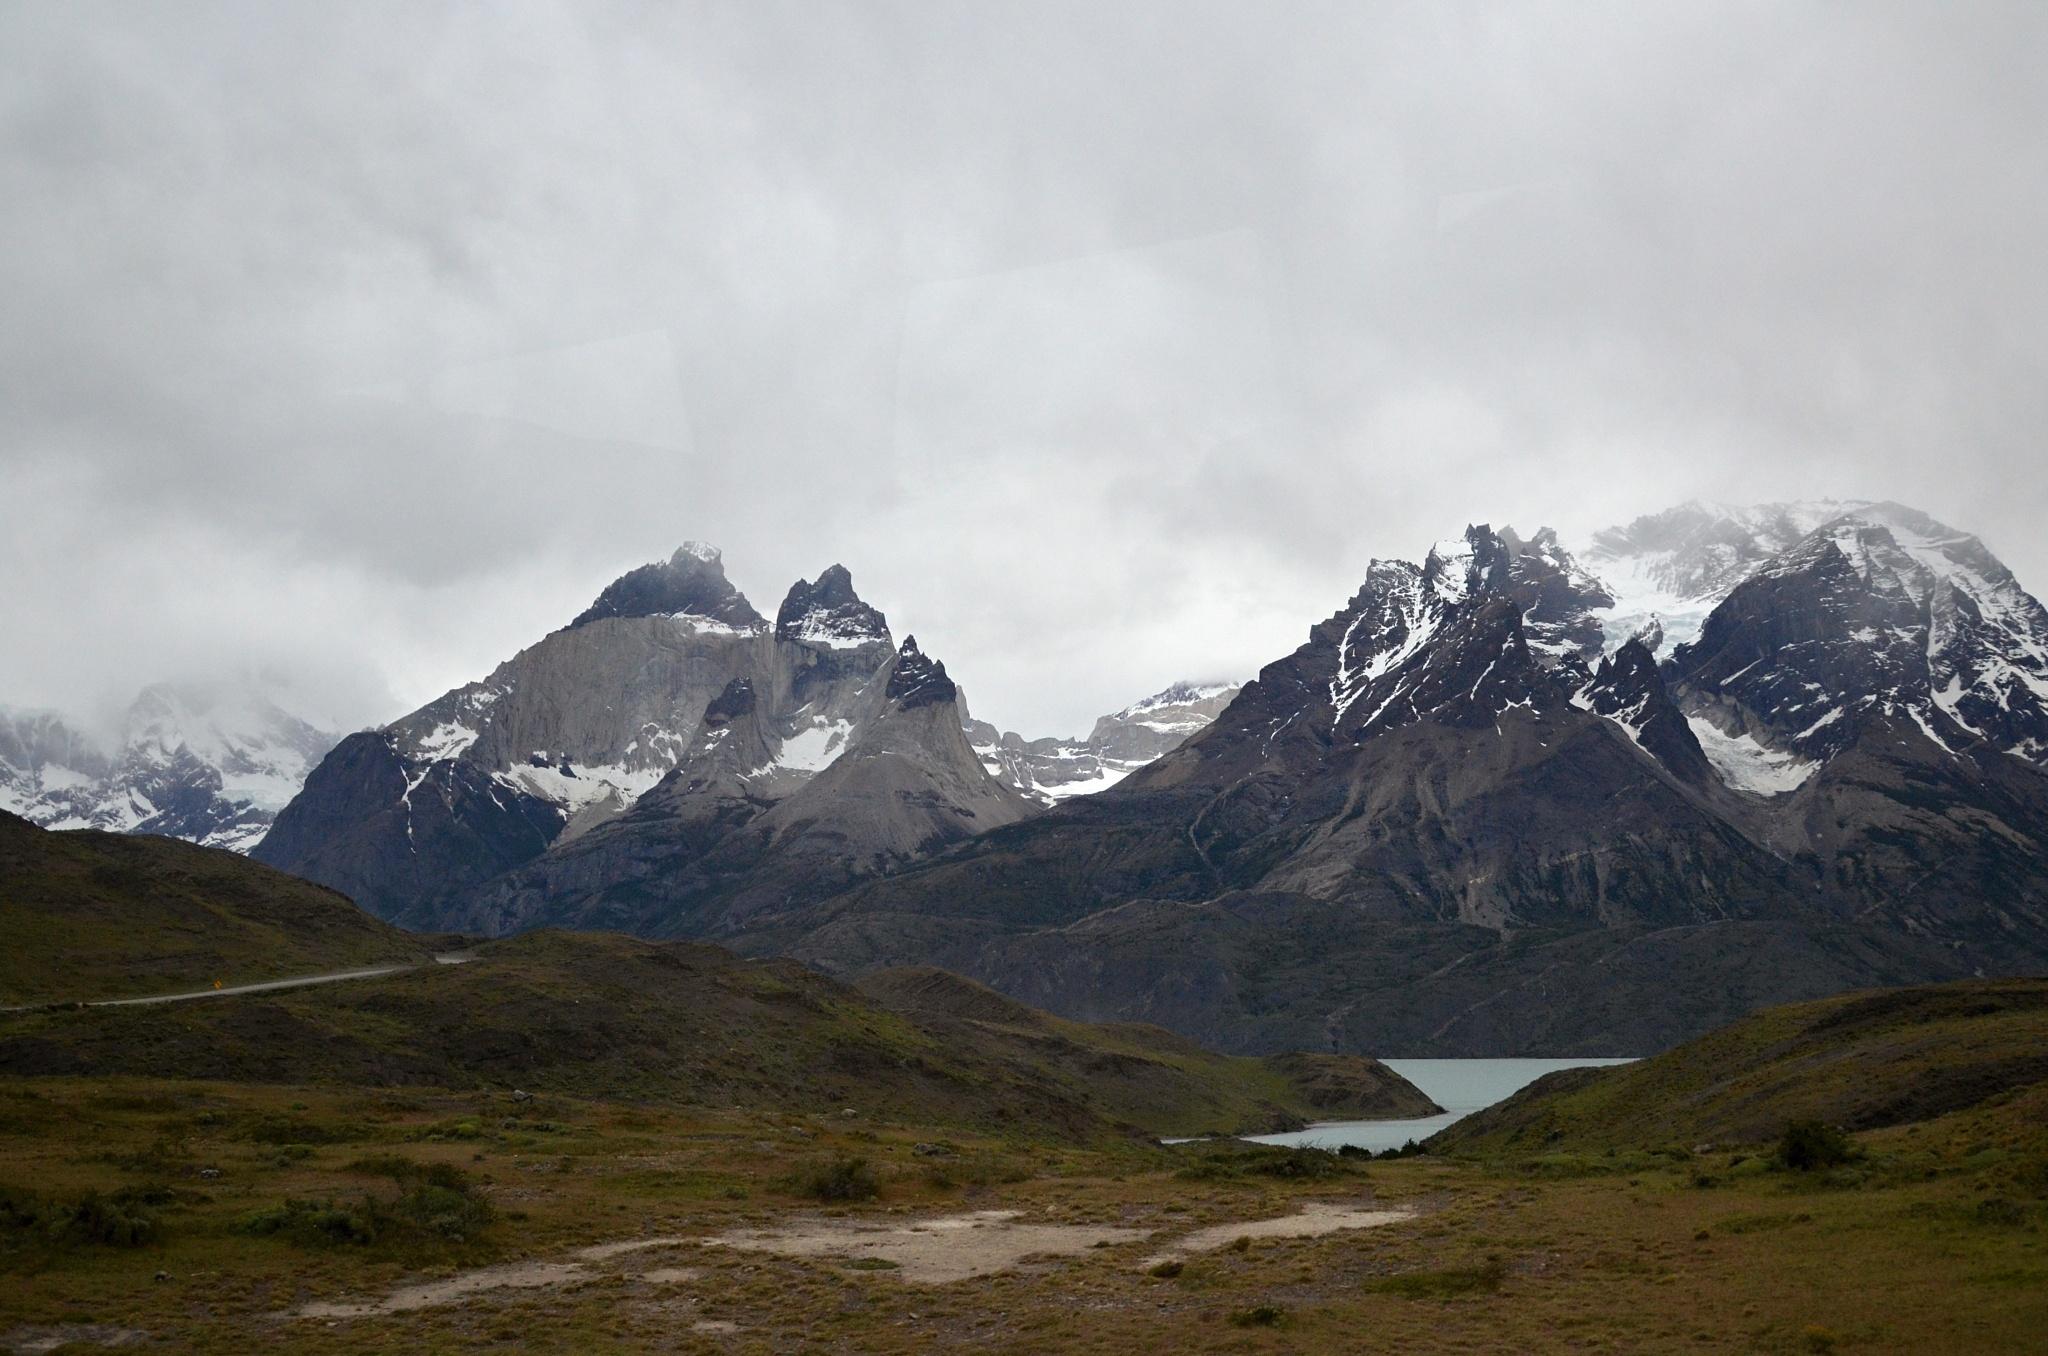 Poslední pohled na hory v Torres del Paine